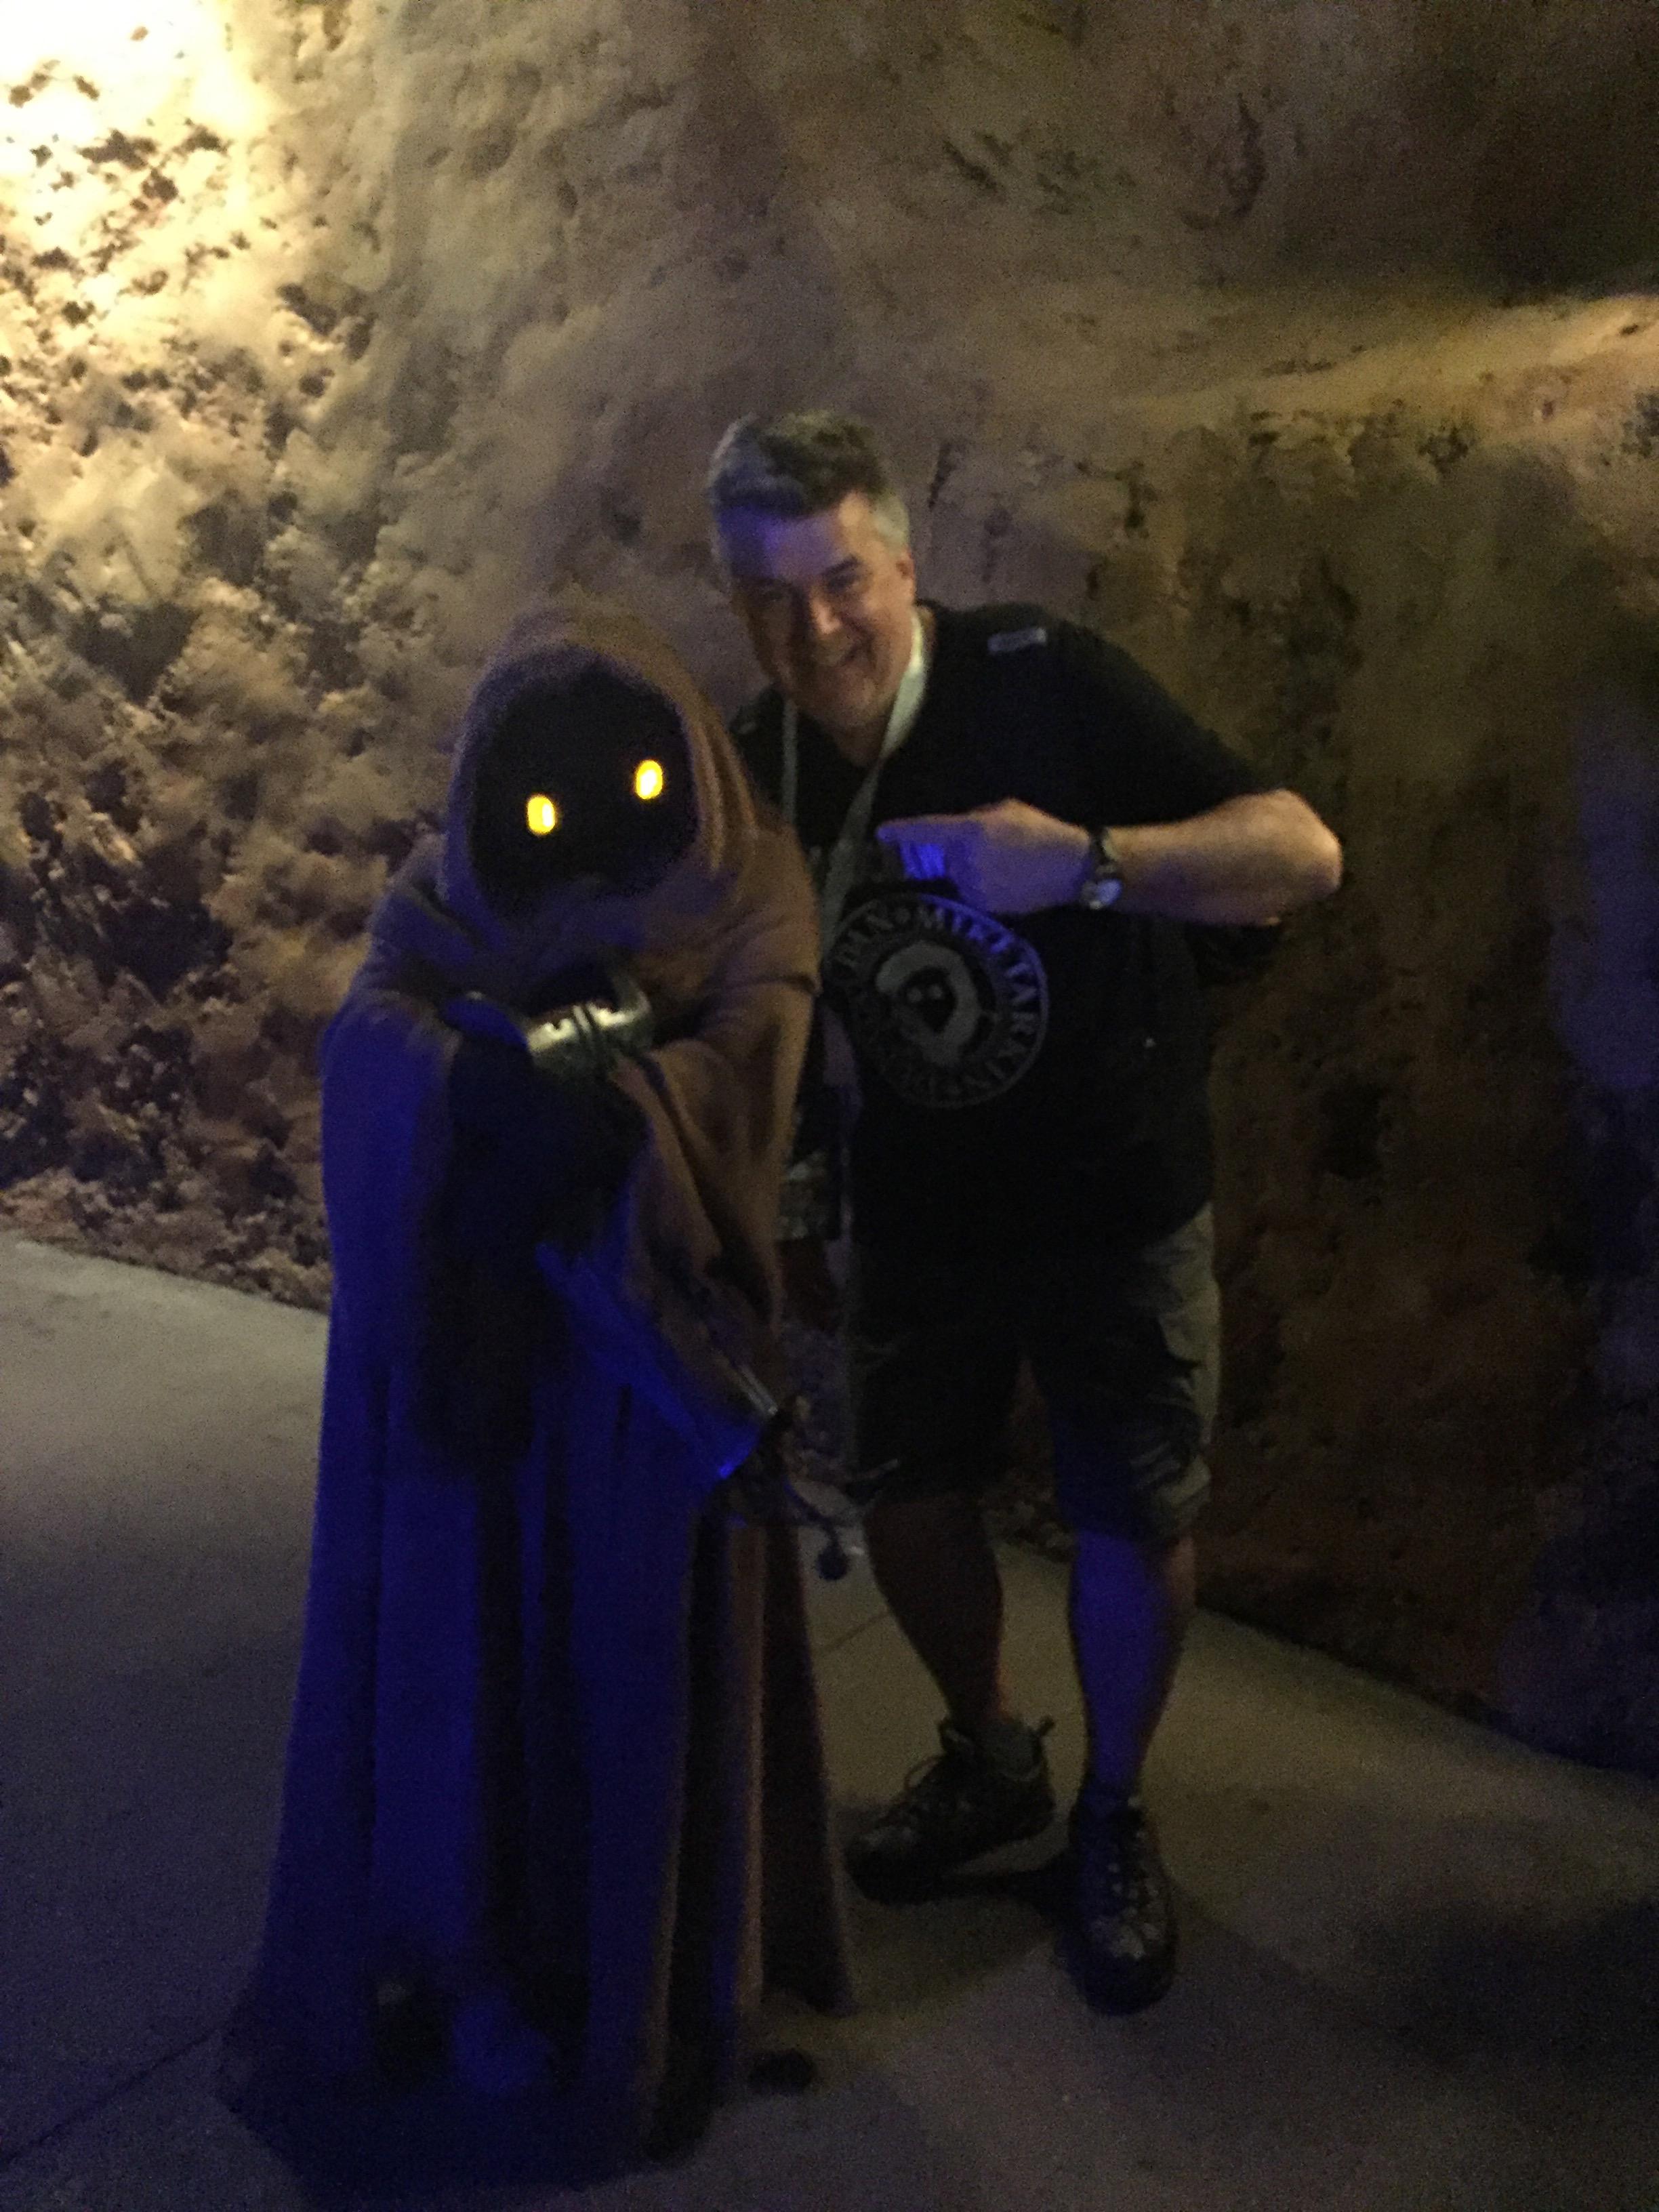 Galactic Nights at Disney's Hollywood Studios